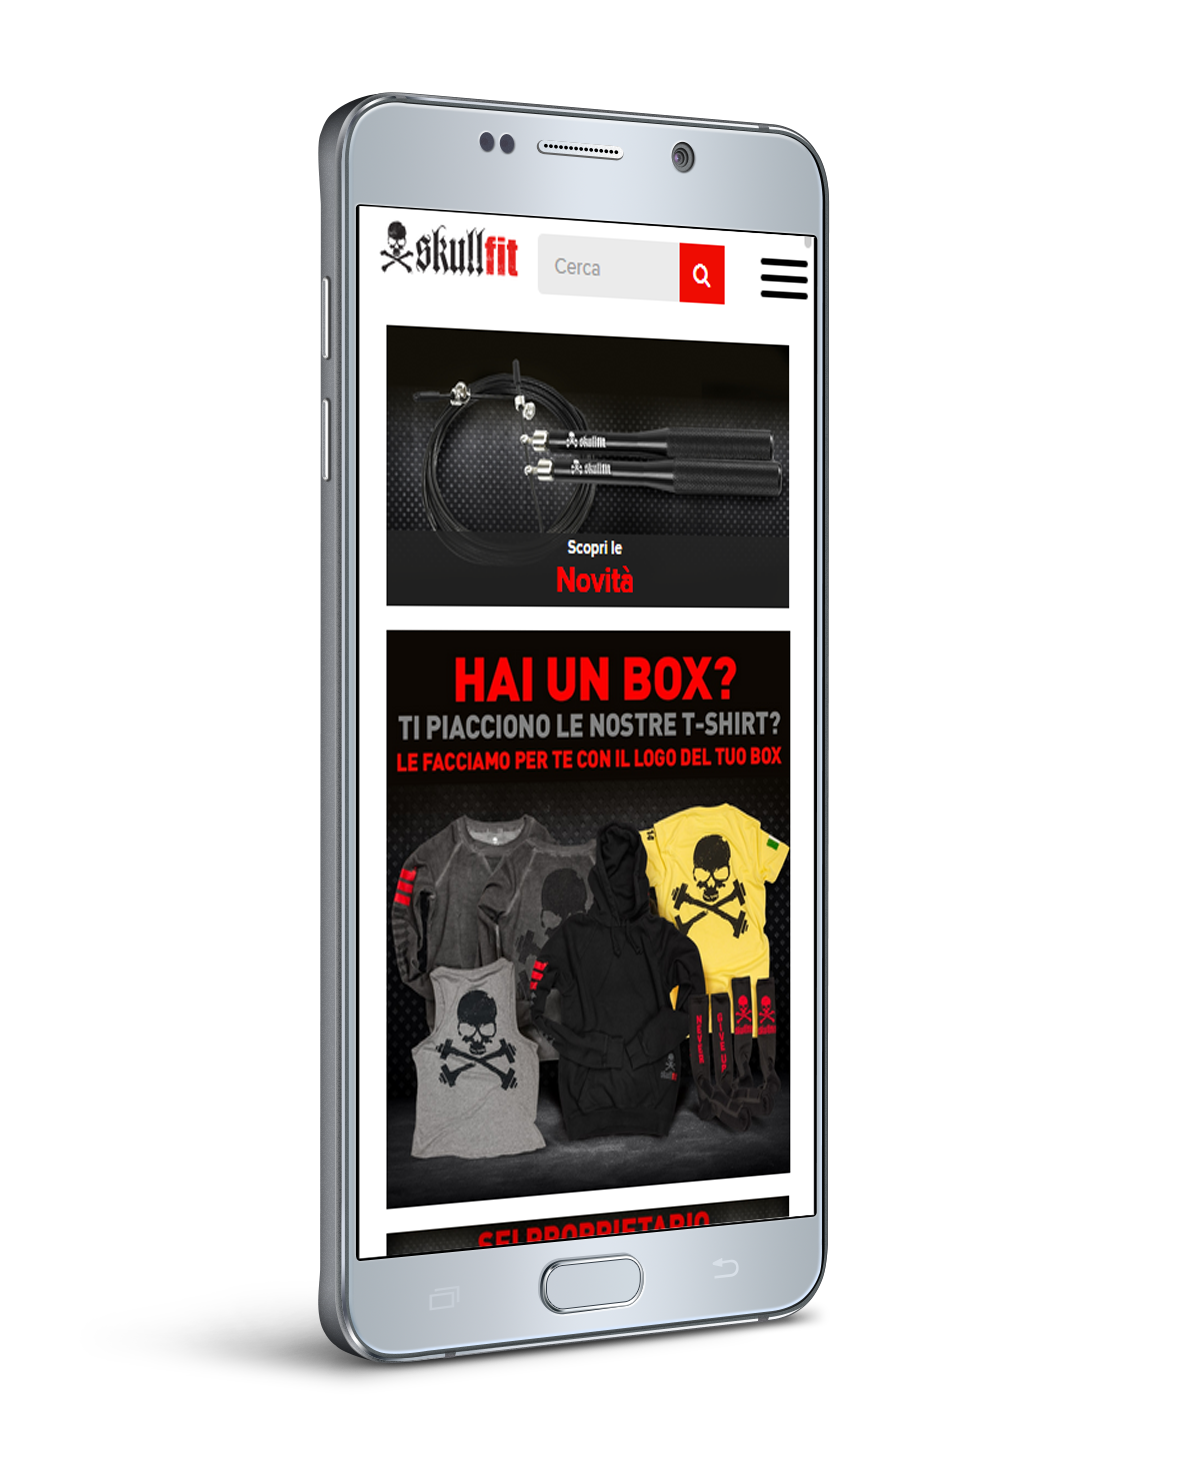 skullfit mobile